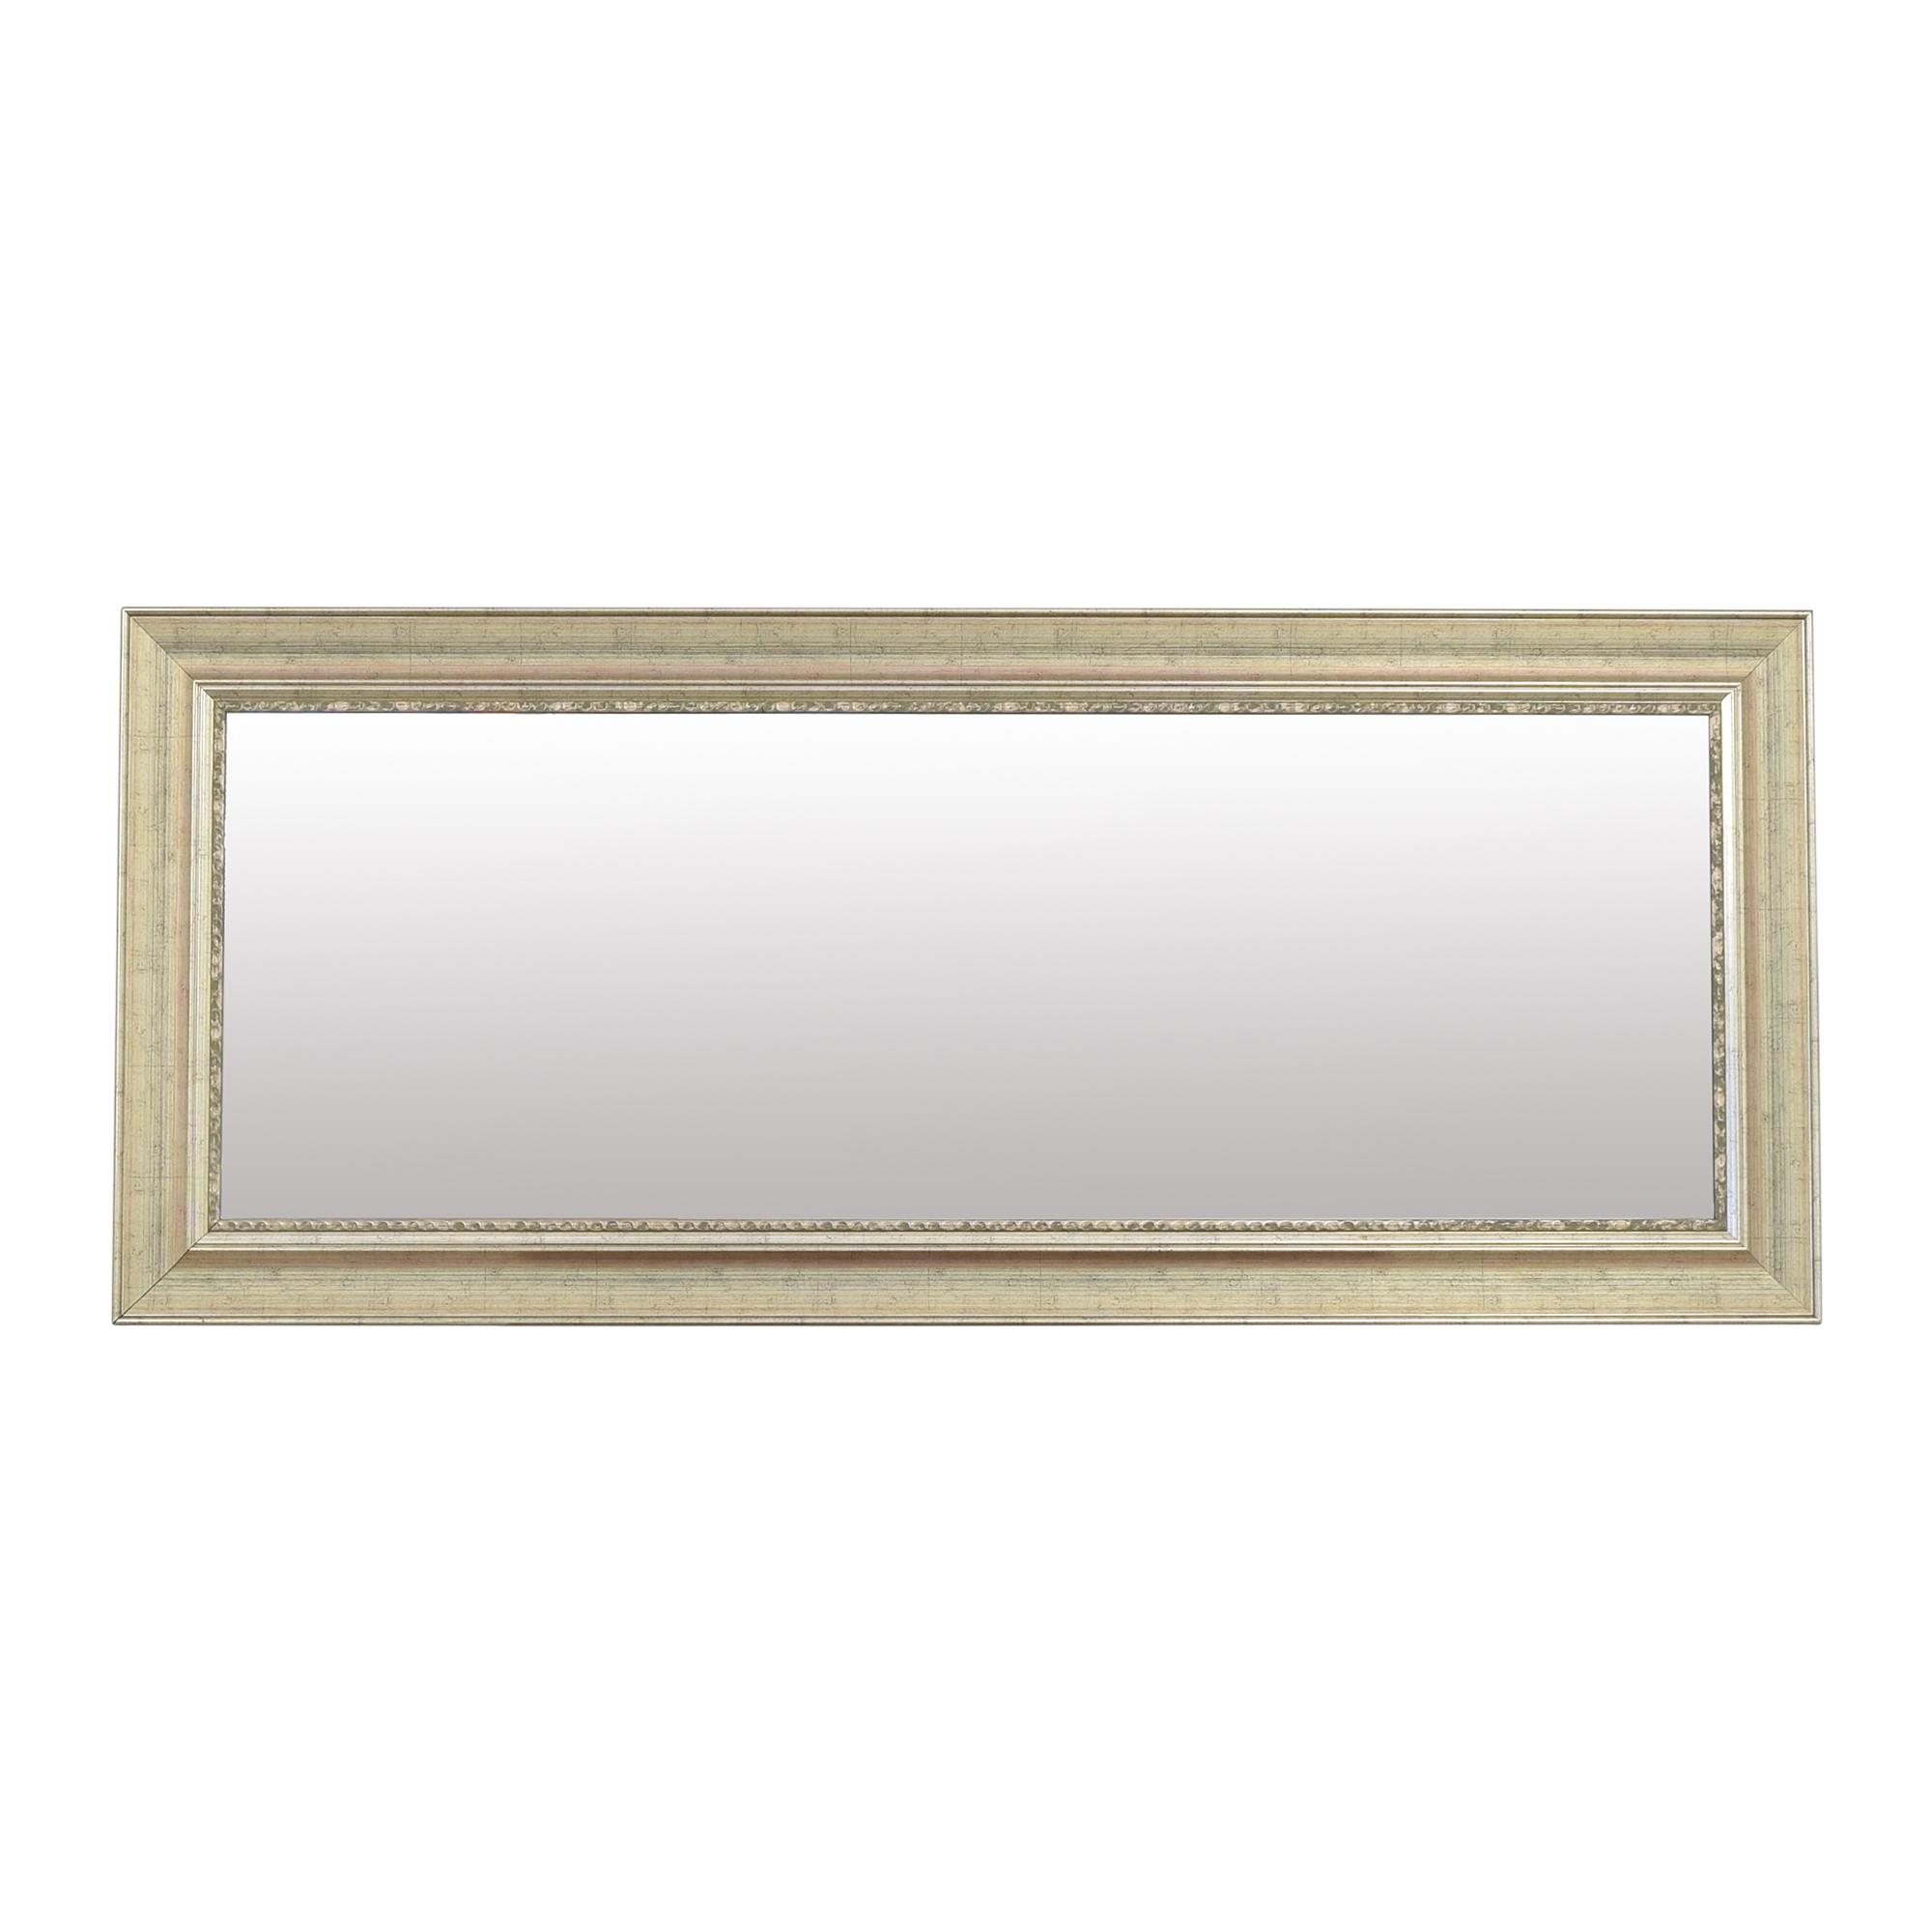 HomeGoods HomeGoods Framed Wall Mirror discount